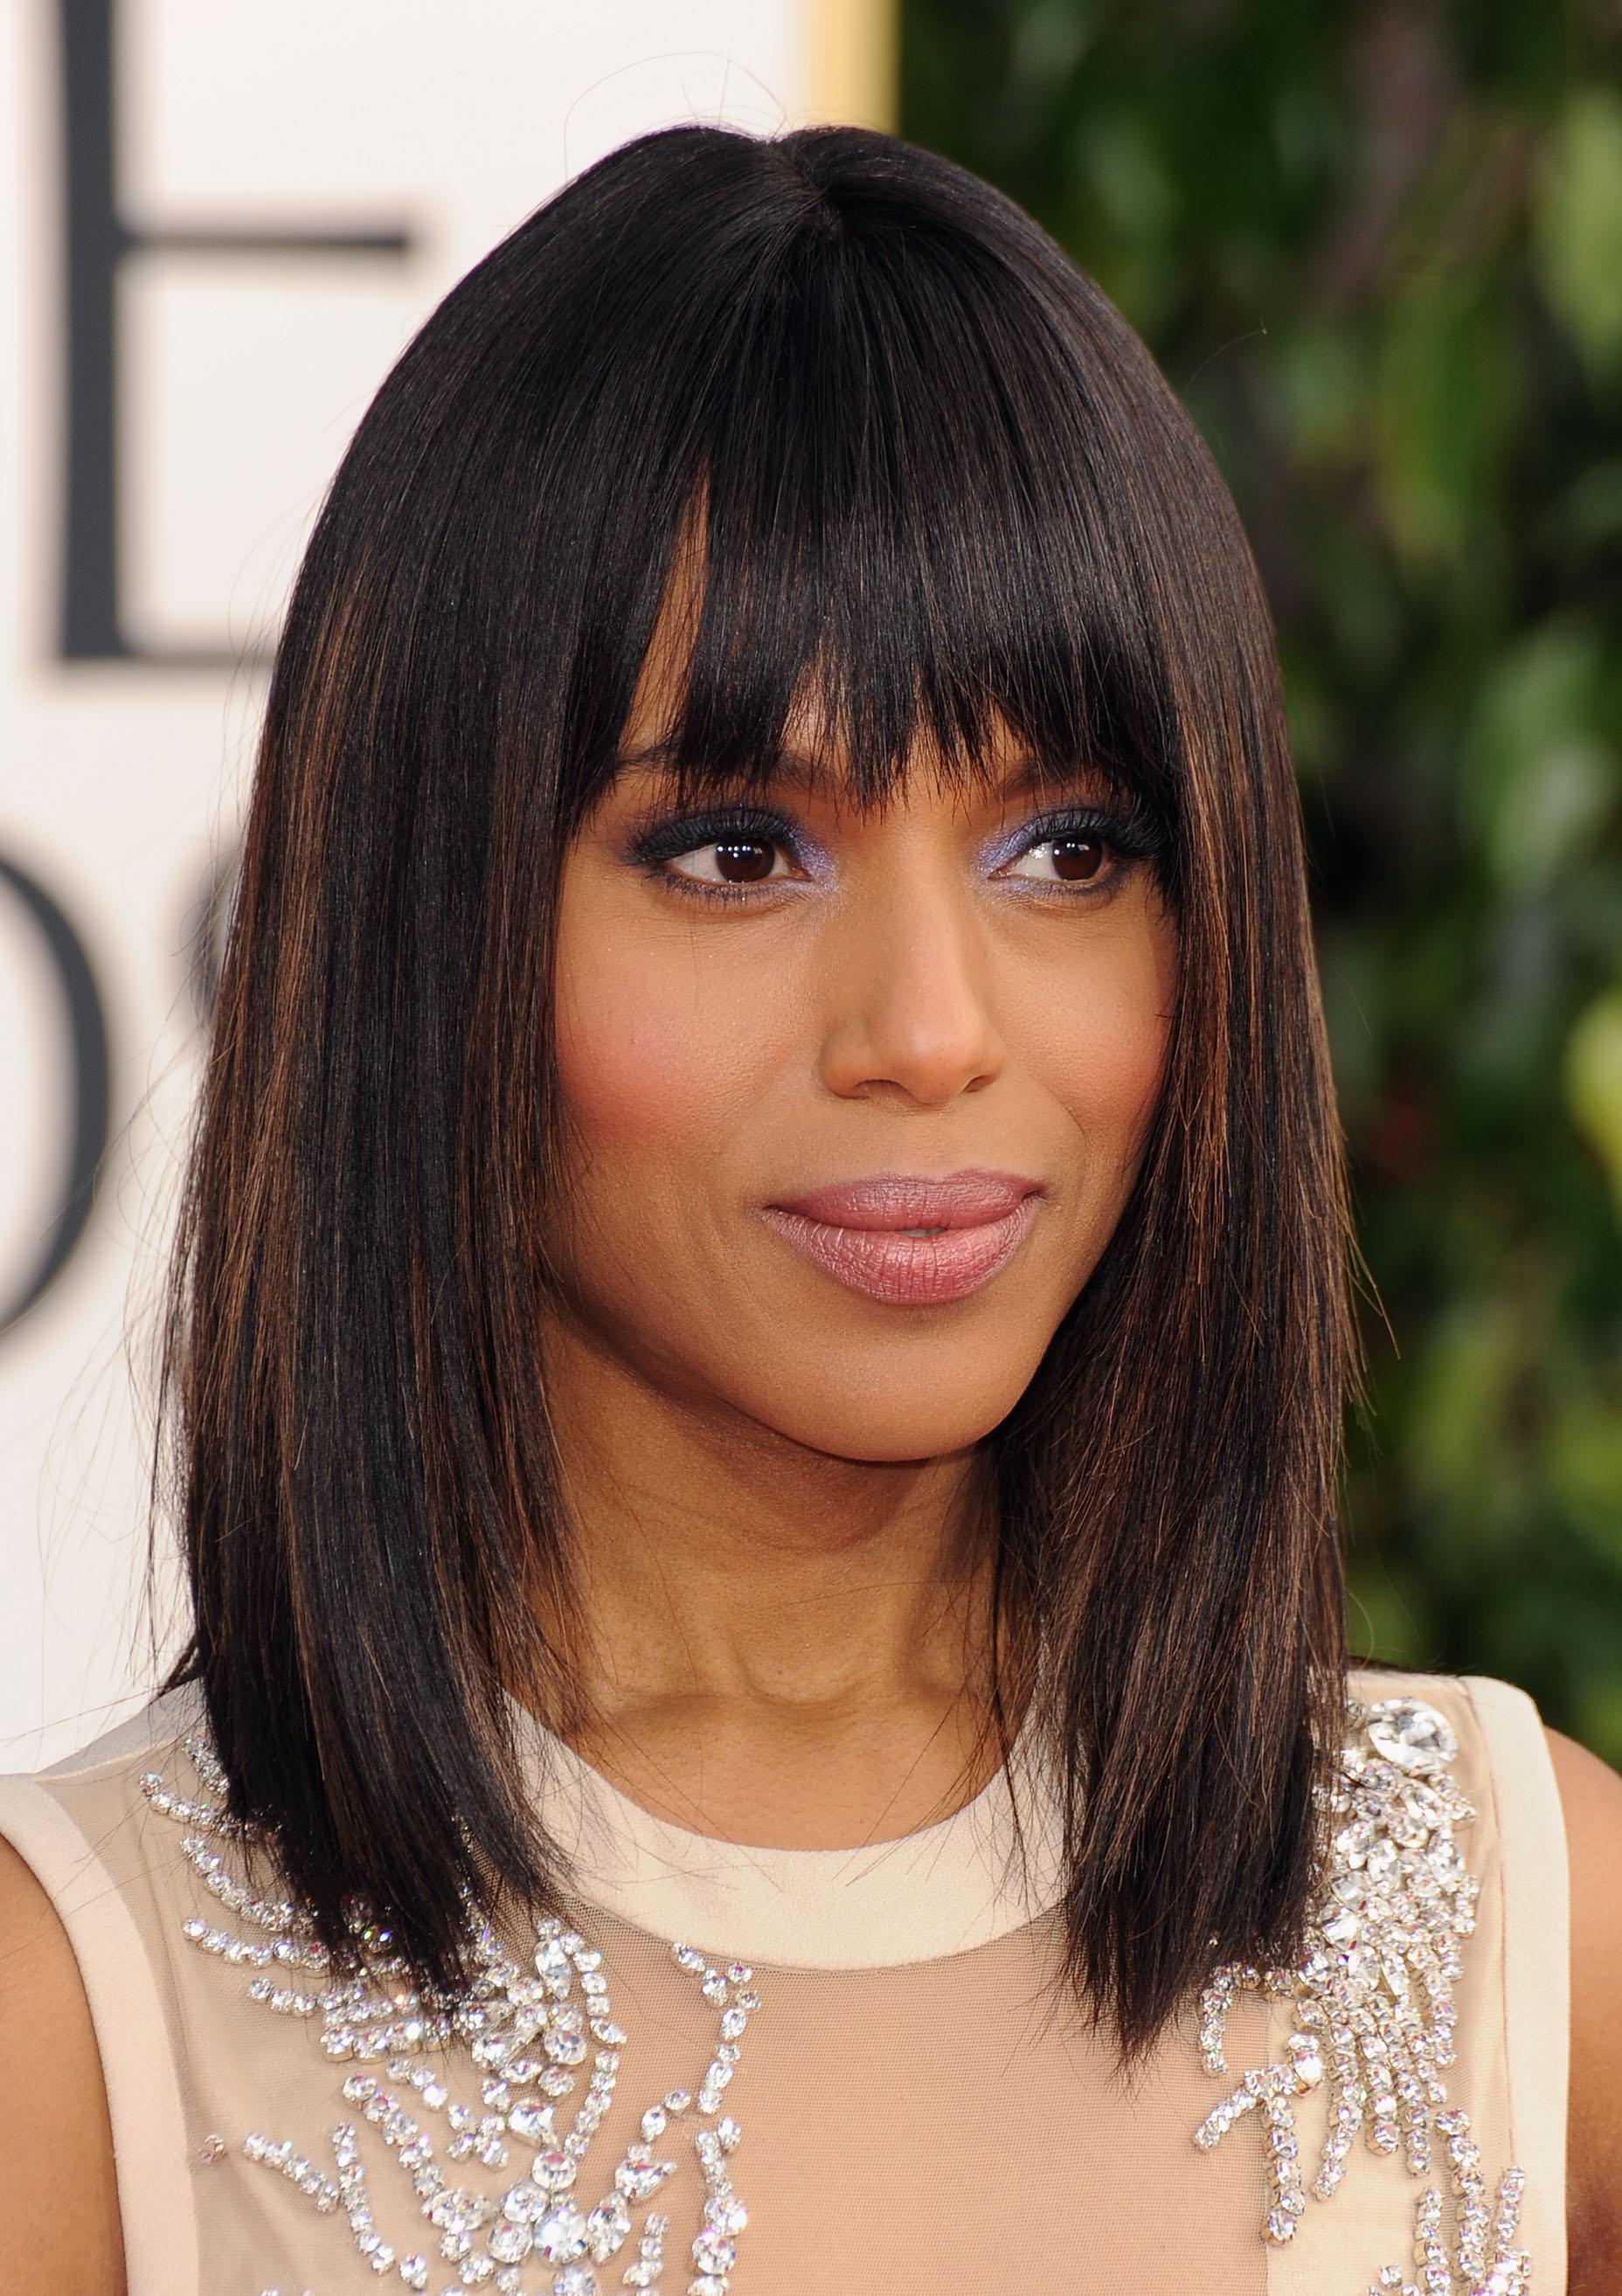 стрижка на средние волосы для прямых волос с рваной челкой градуироованное каре